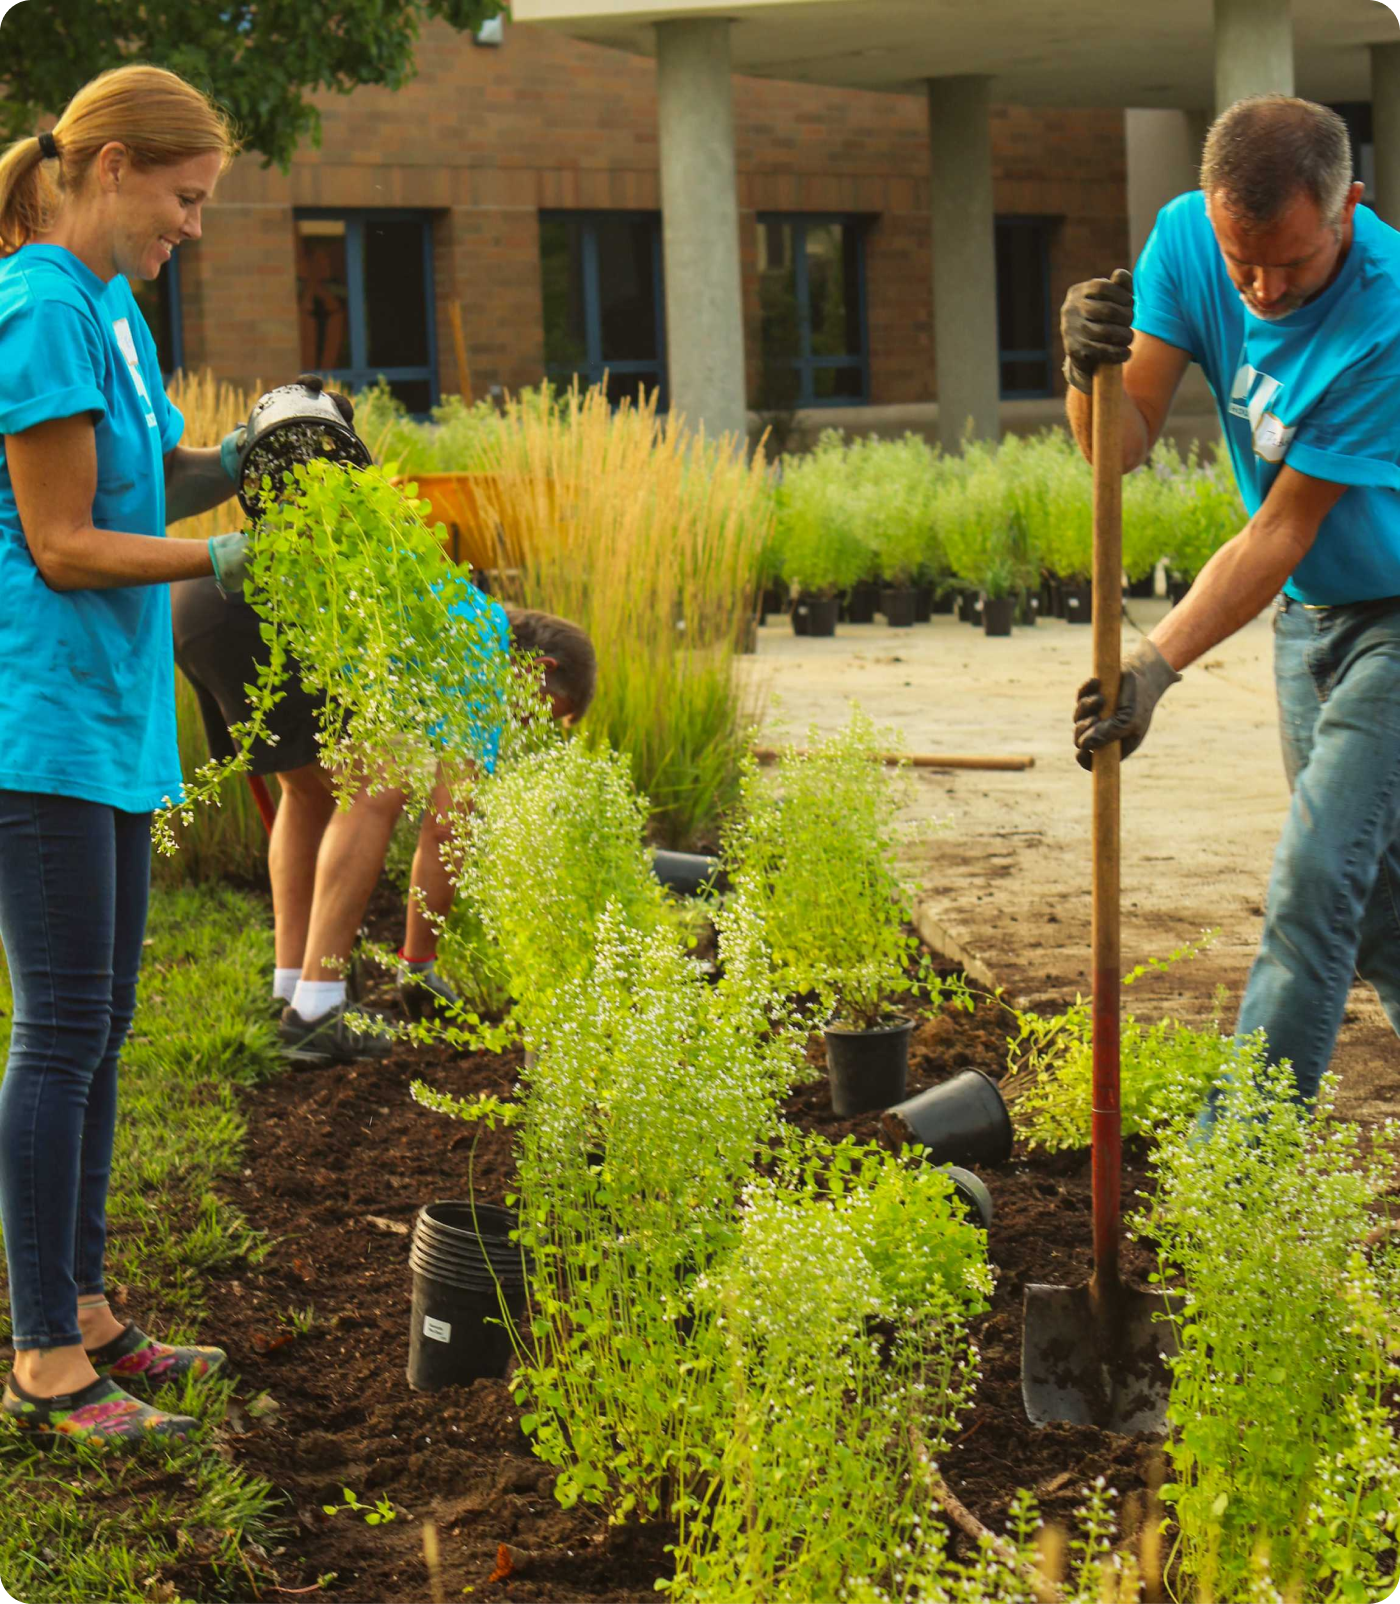 2 volunteers planting greenery